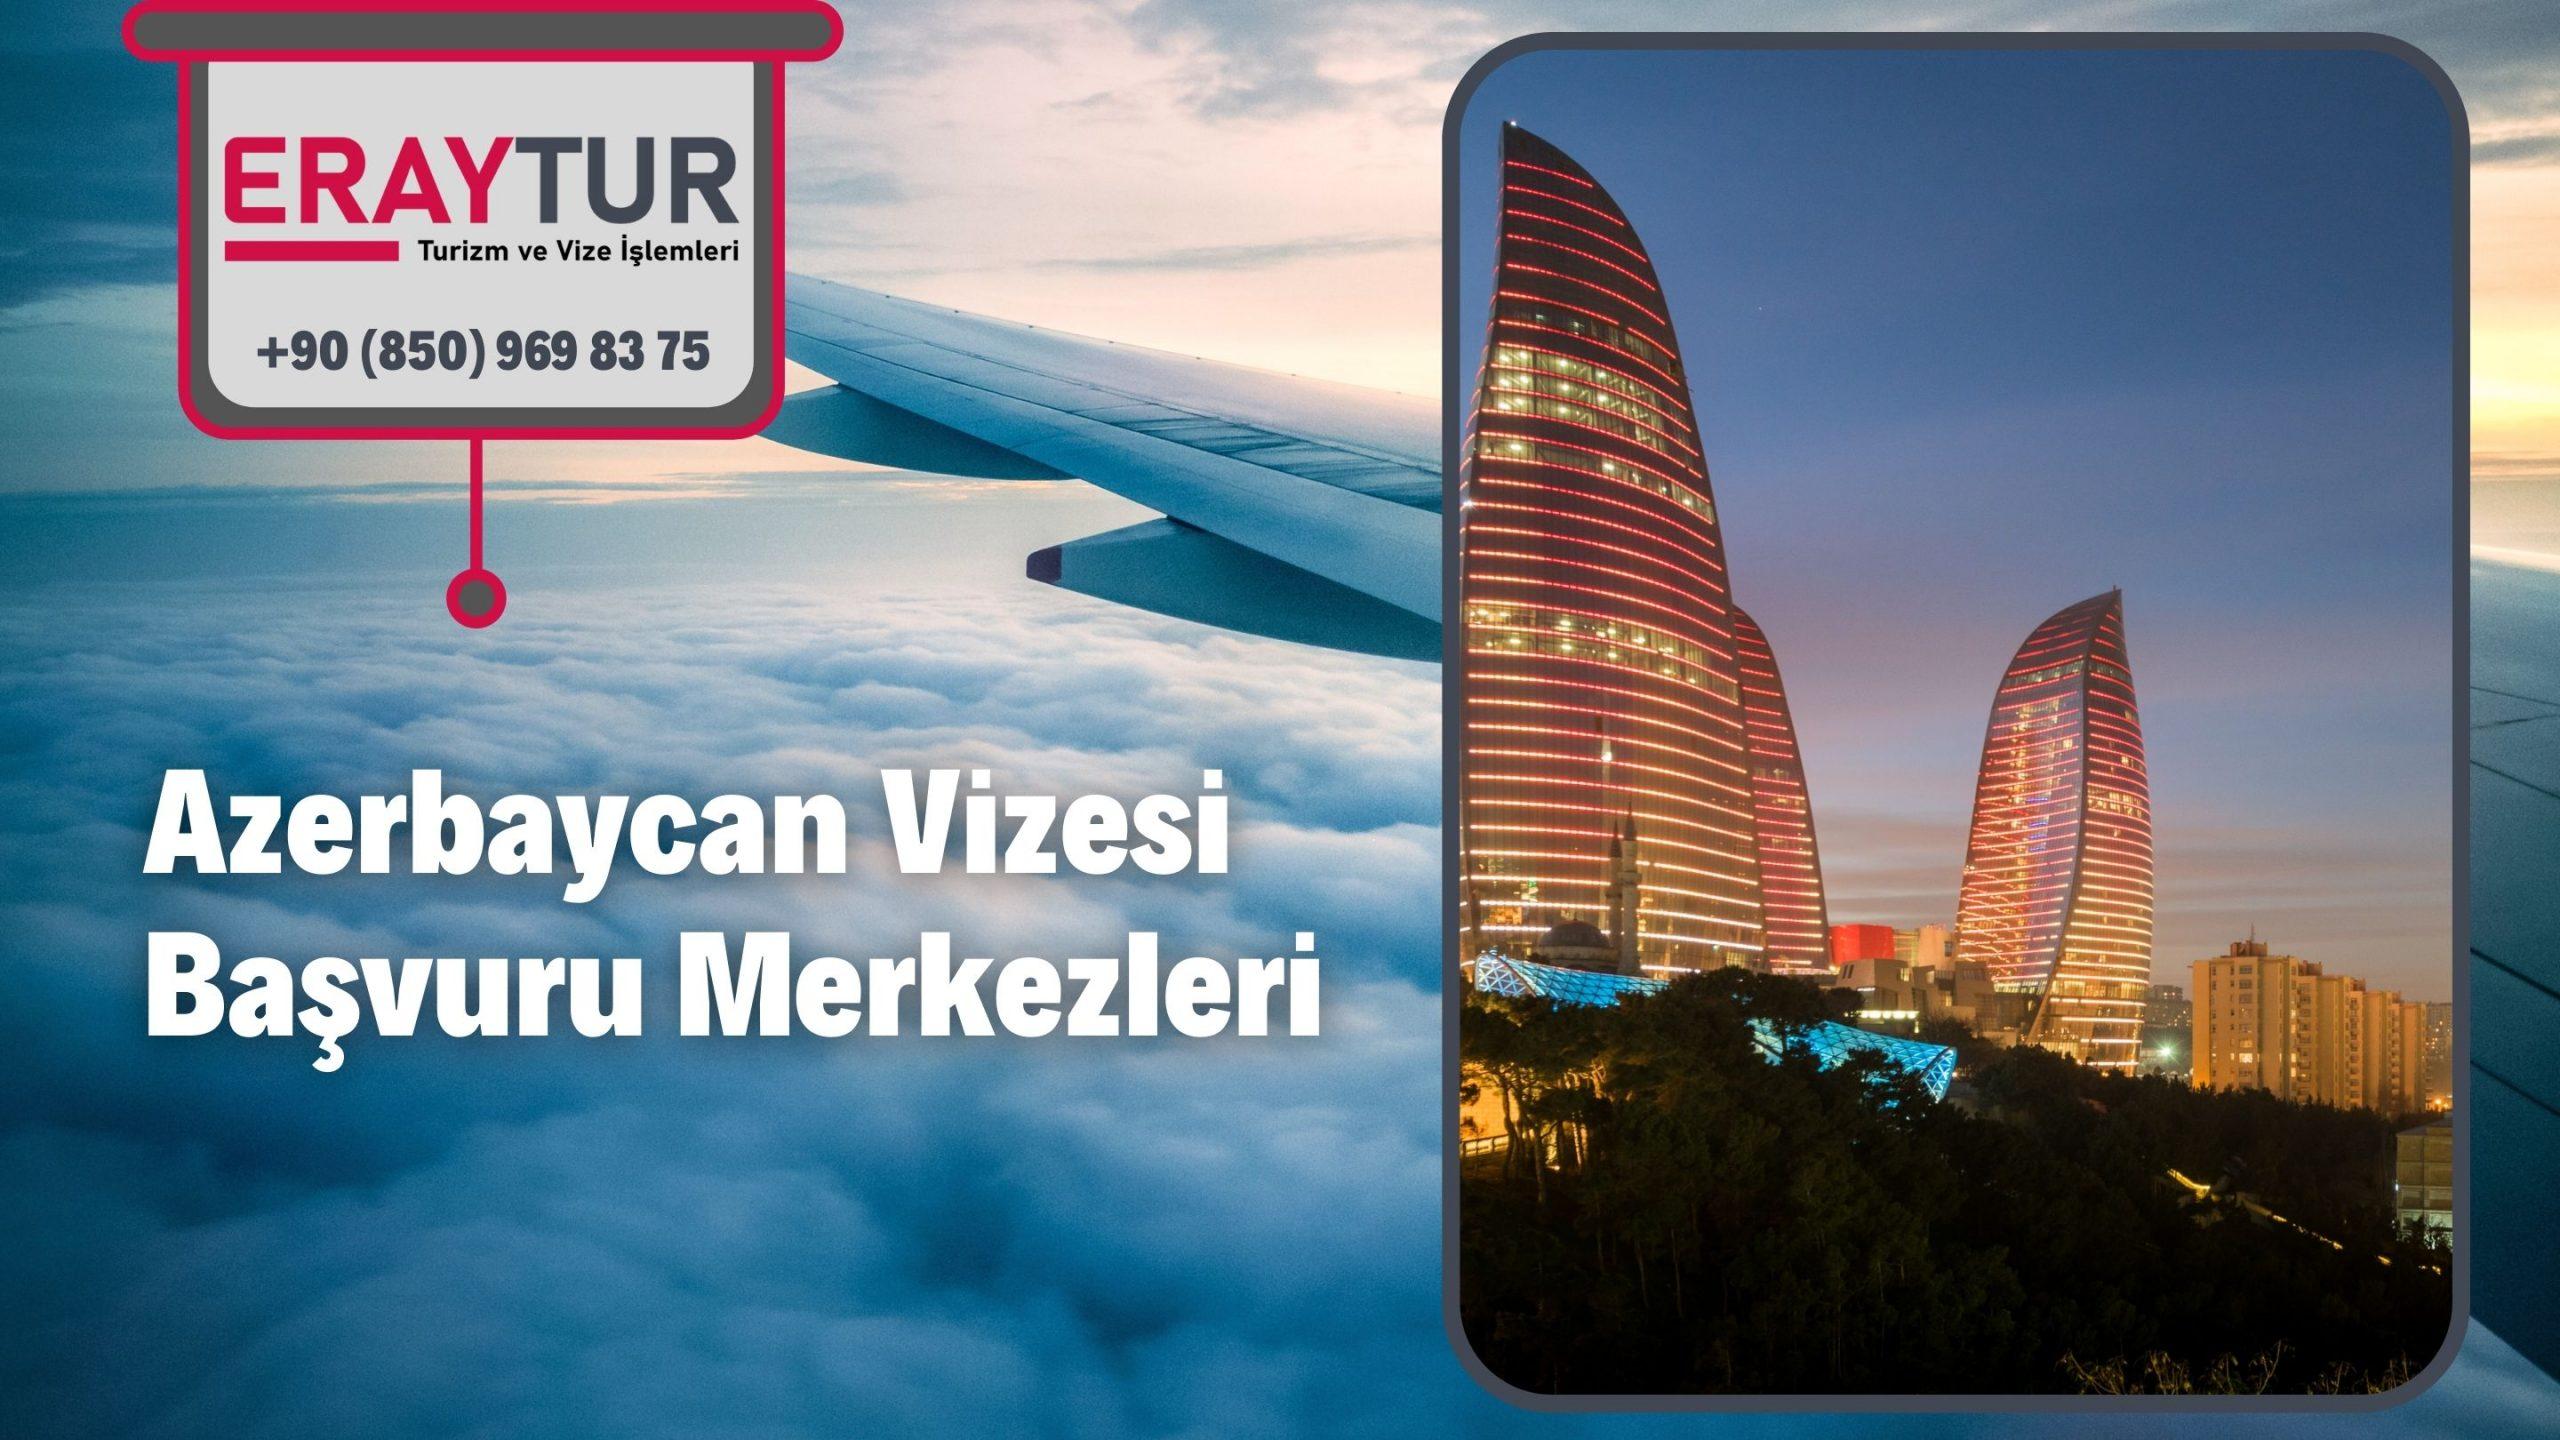 Azerbaycan Vizesi Başvuru Merkezleri